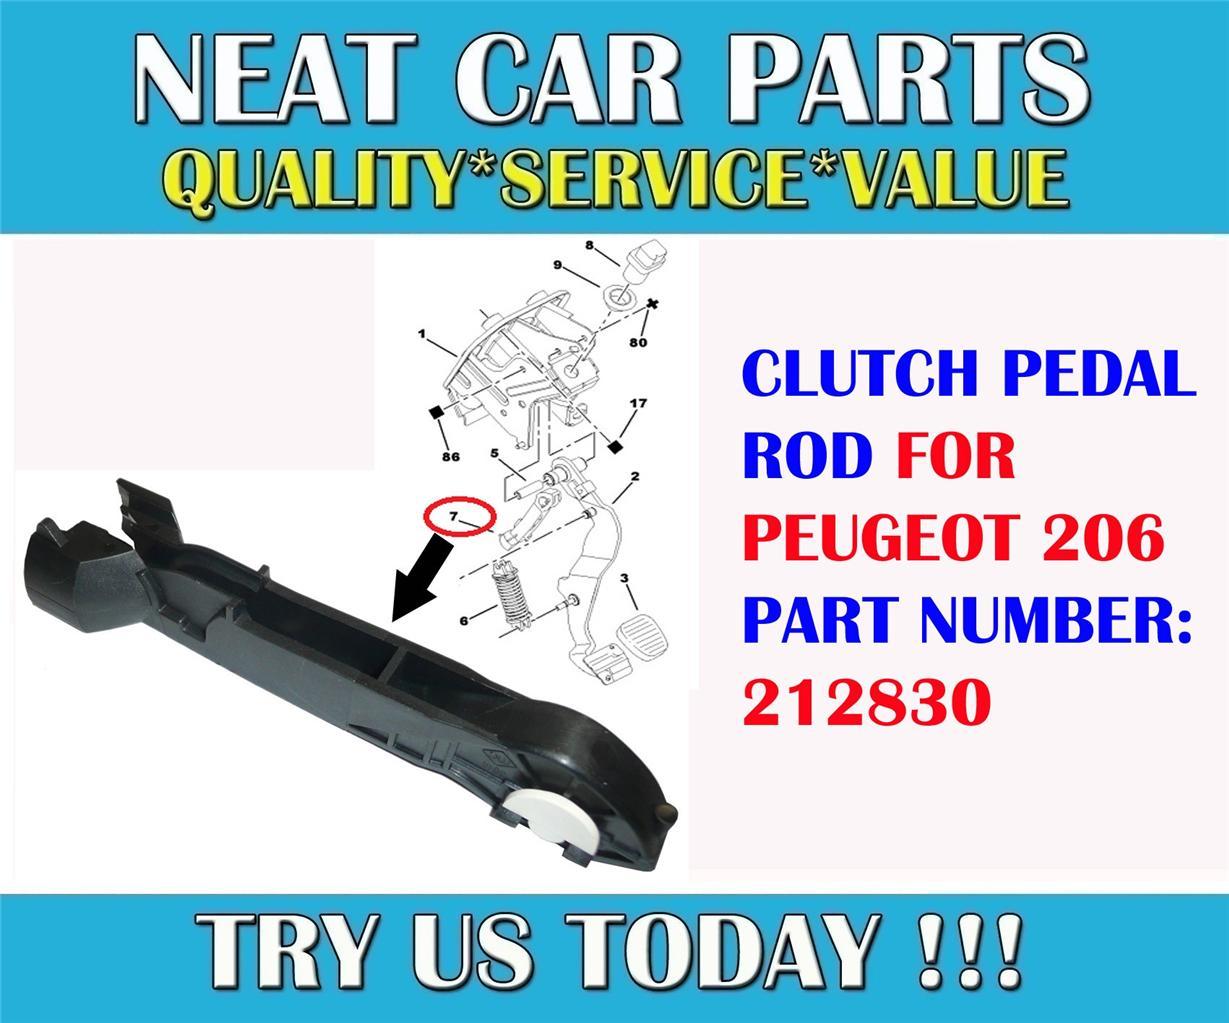 clutch pedal rod for peugeot 206 petrol diesel models 212830 brand new part ebay. Black Bedroom Furniture Sets. Home Design Ideas